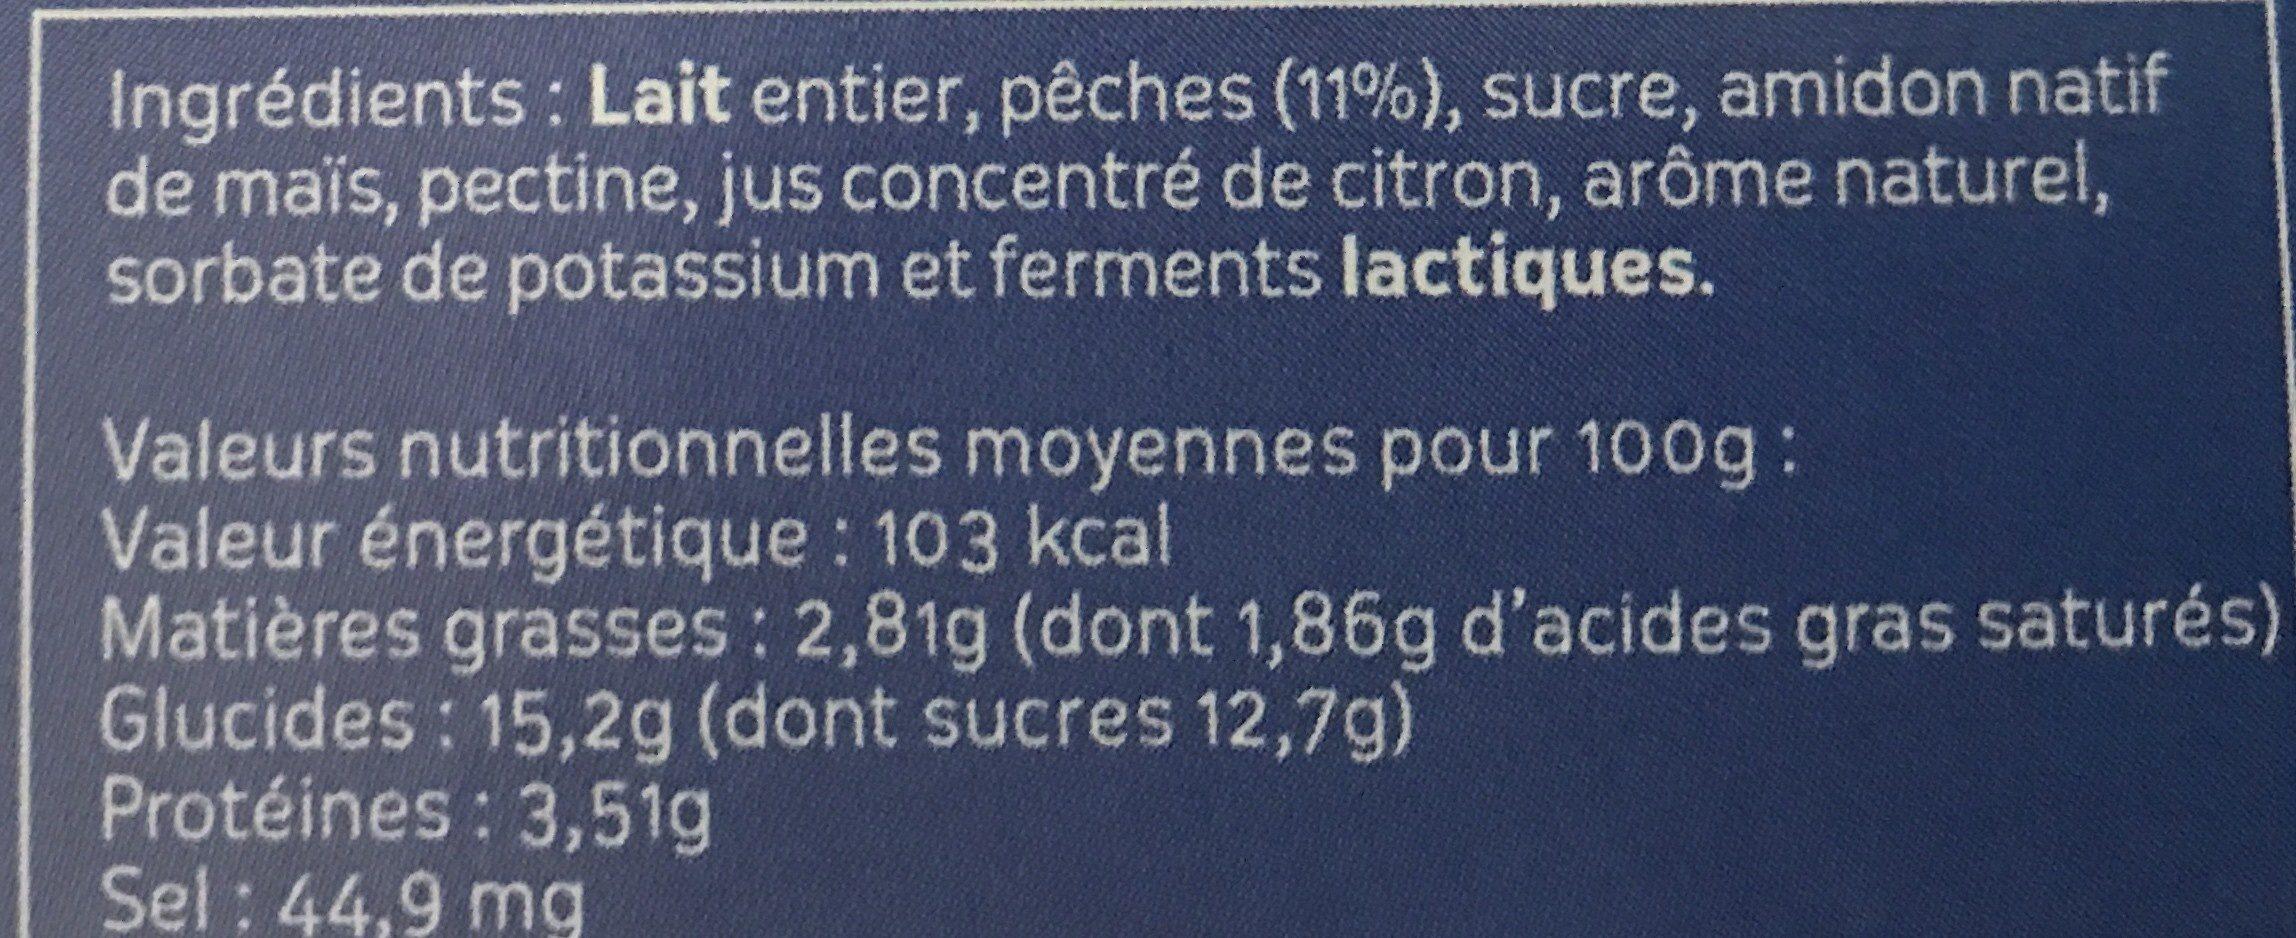 Yaourt lait entier brasses a la pêche - Ingredients - fr